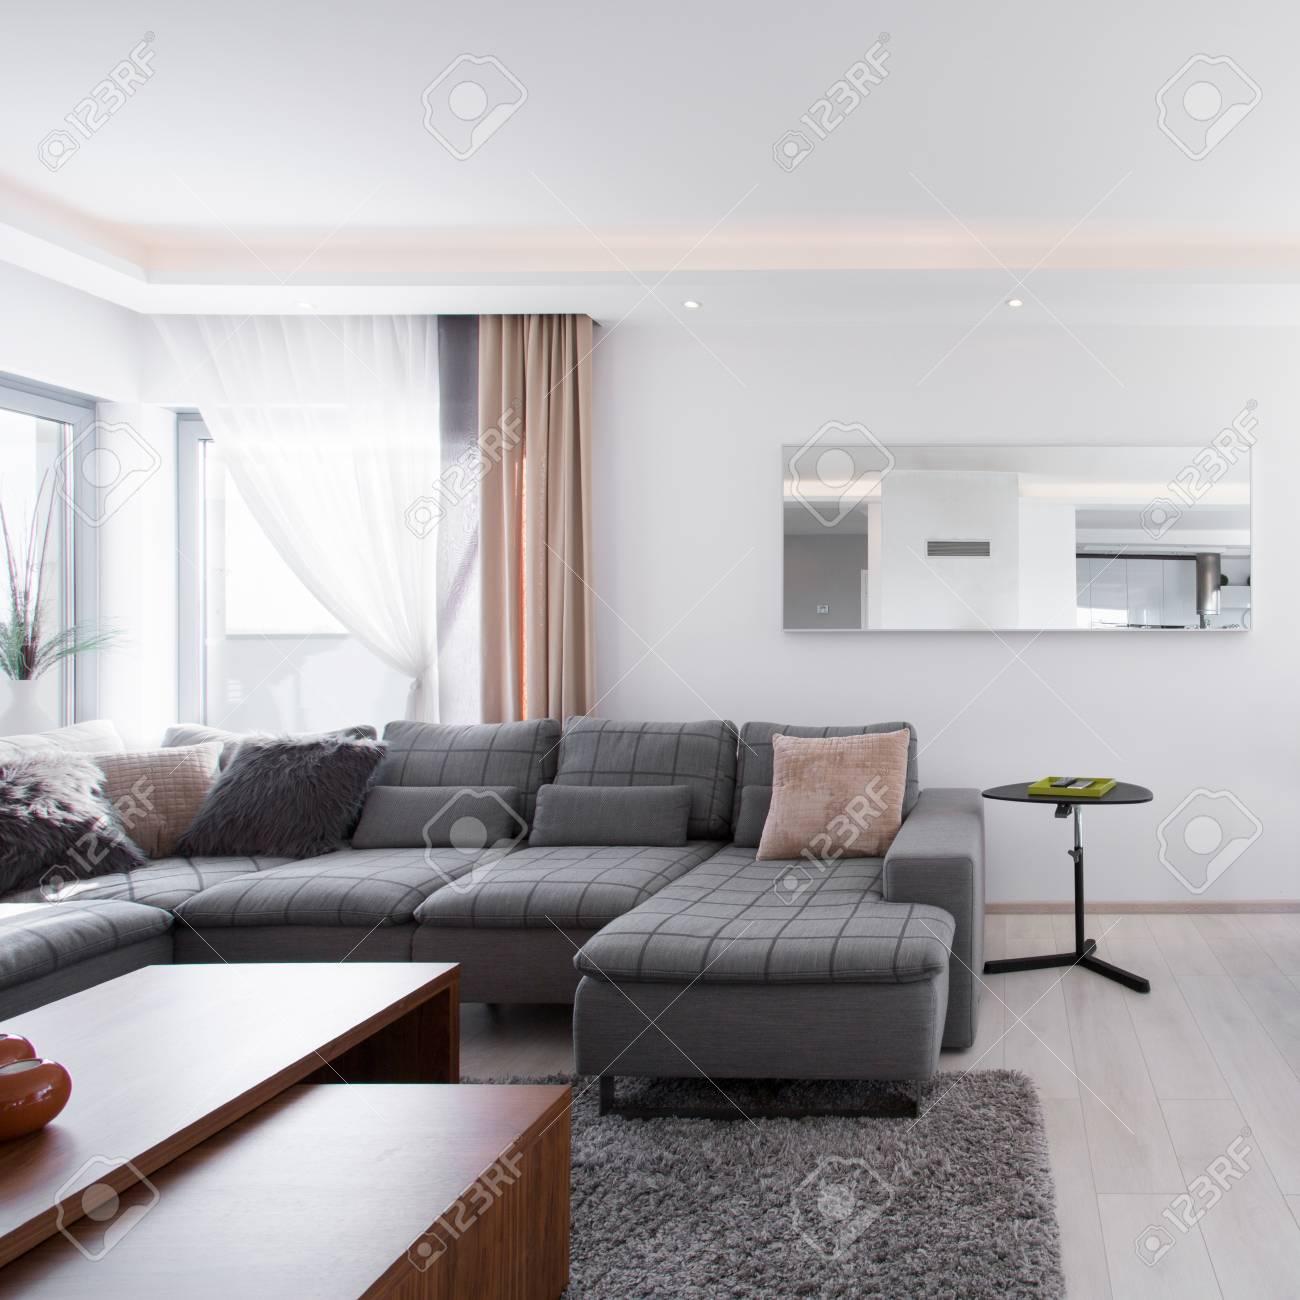 Geräumiges Modernes Wohnzimmer Mit Großem Esstisch Aus Holz